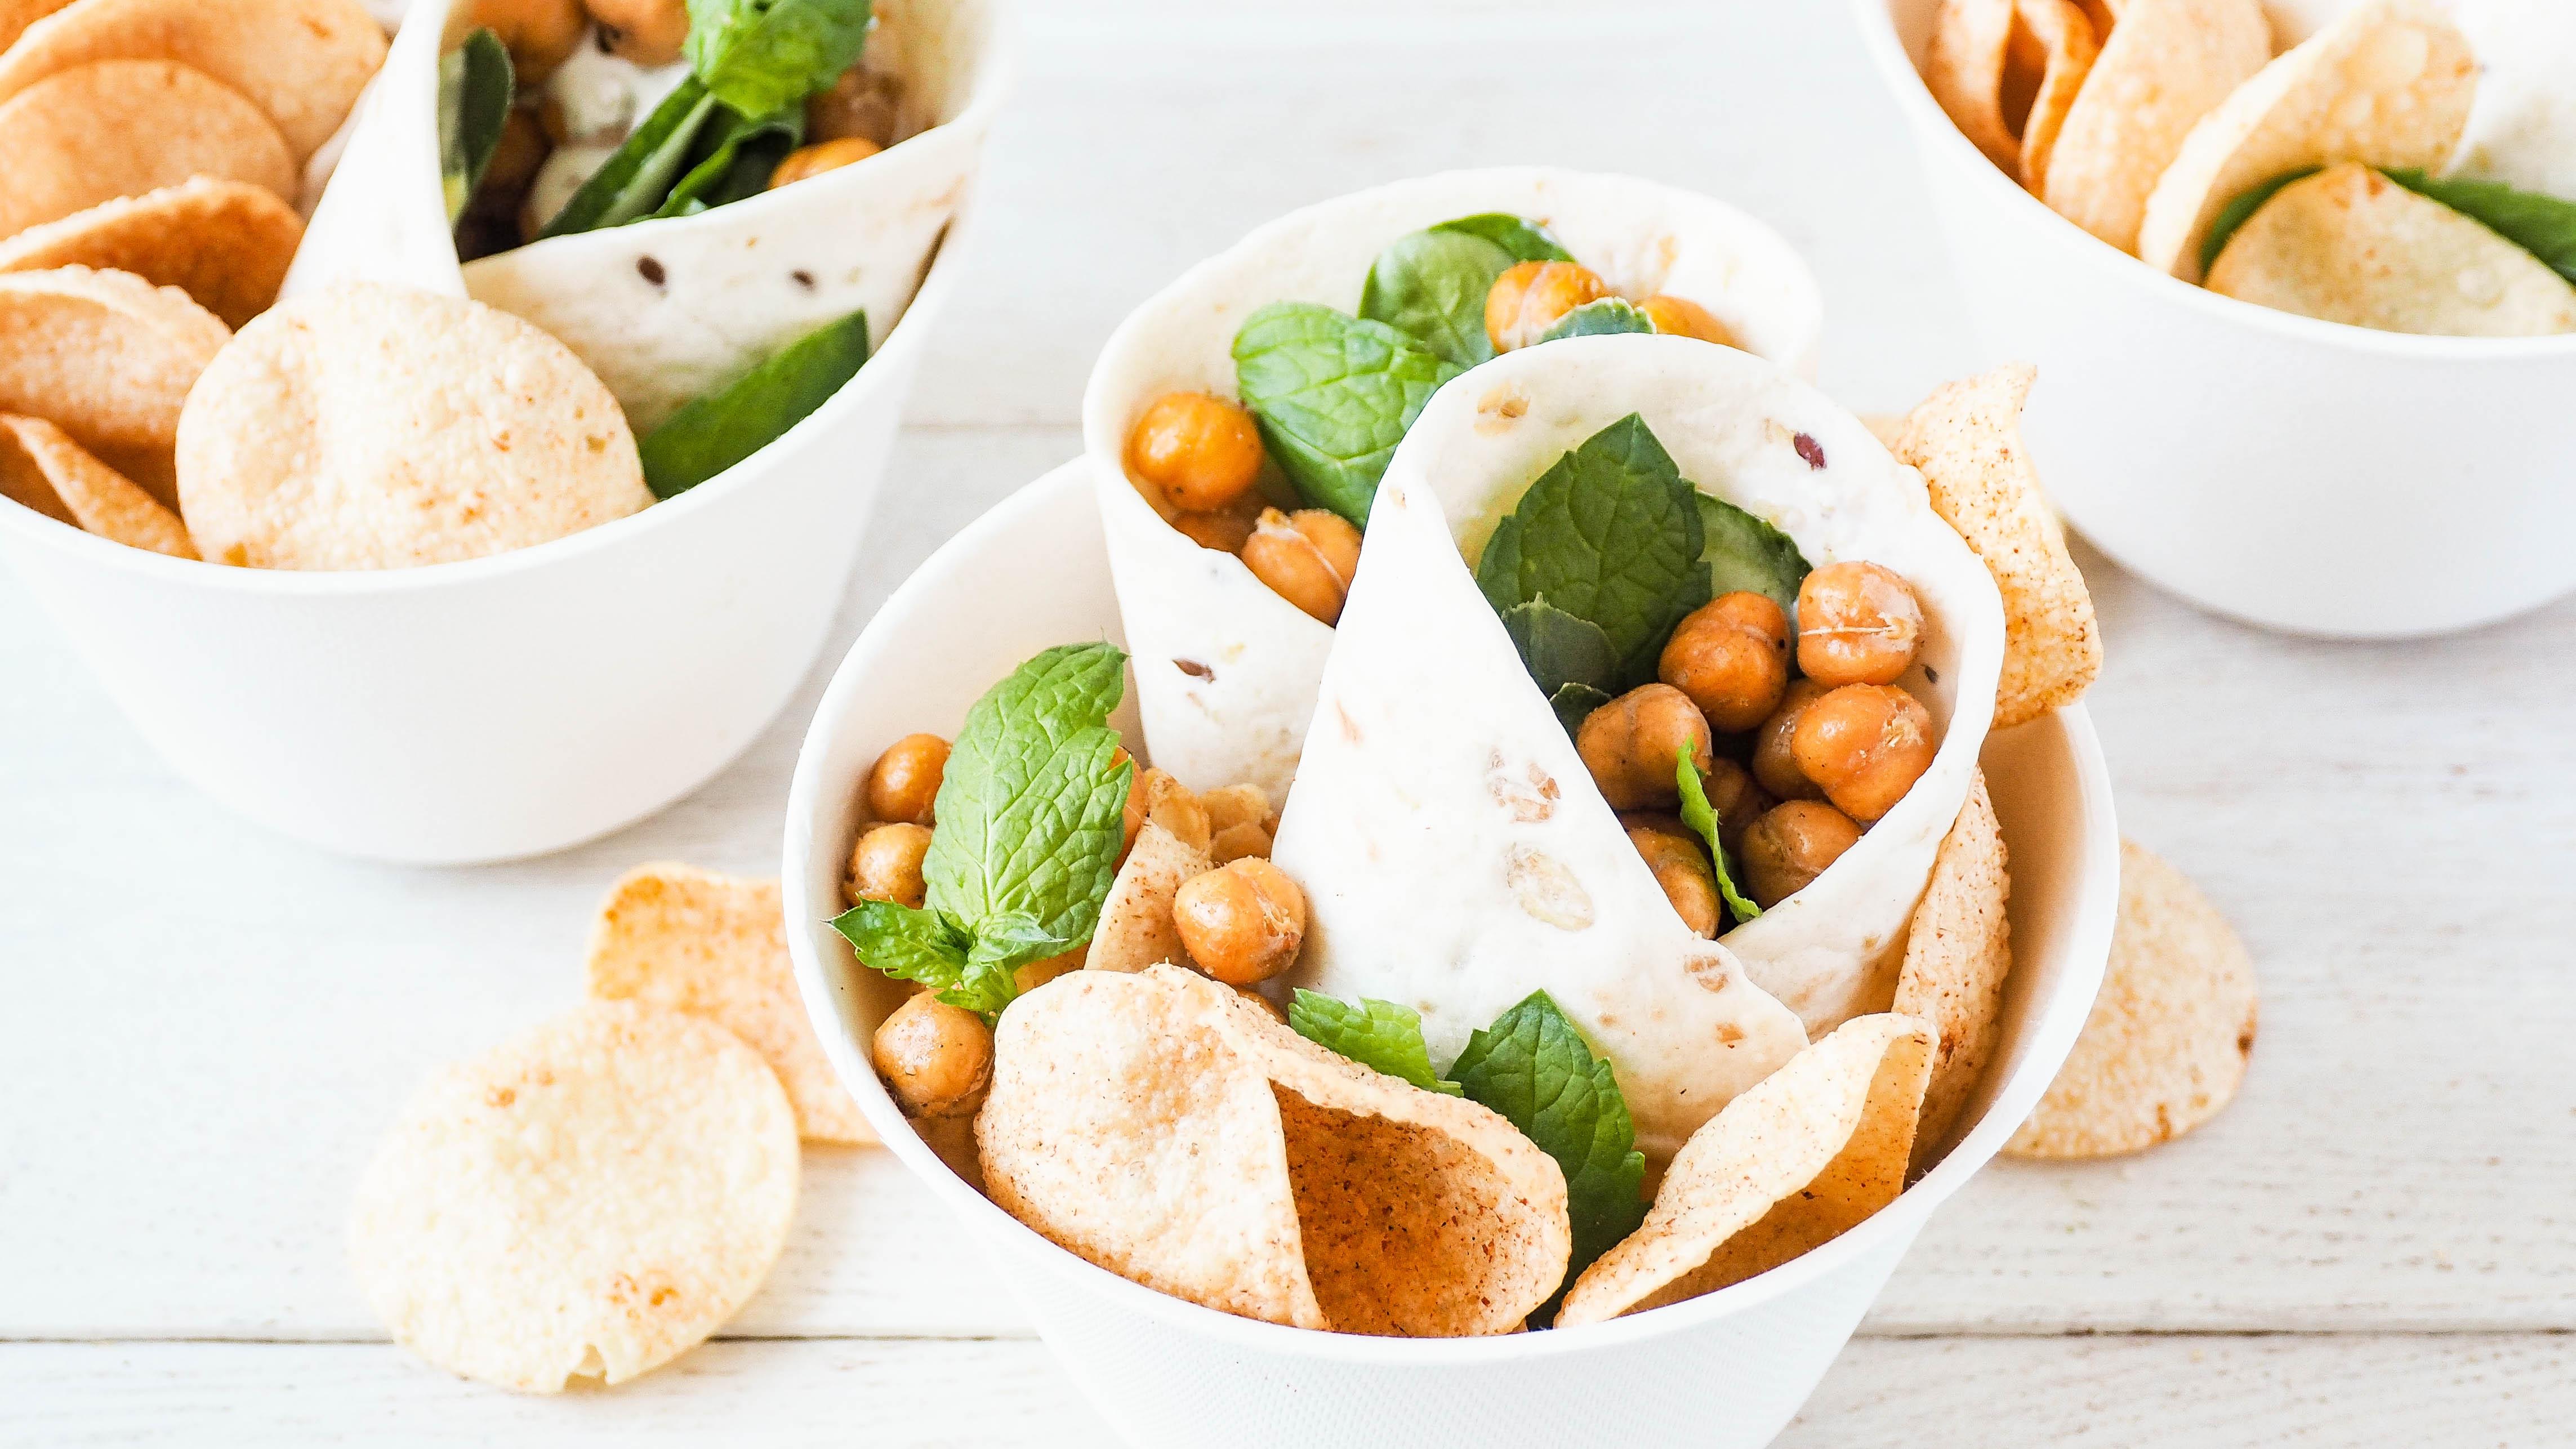 Recept: Wraps met labneh, geroosterde kikkererwten en hummus chips